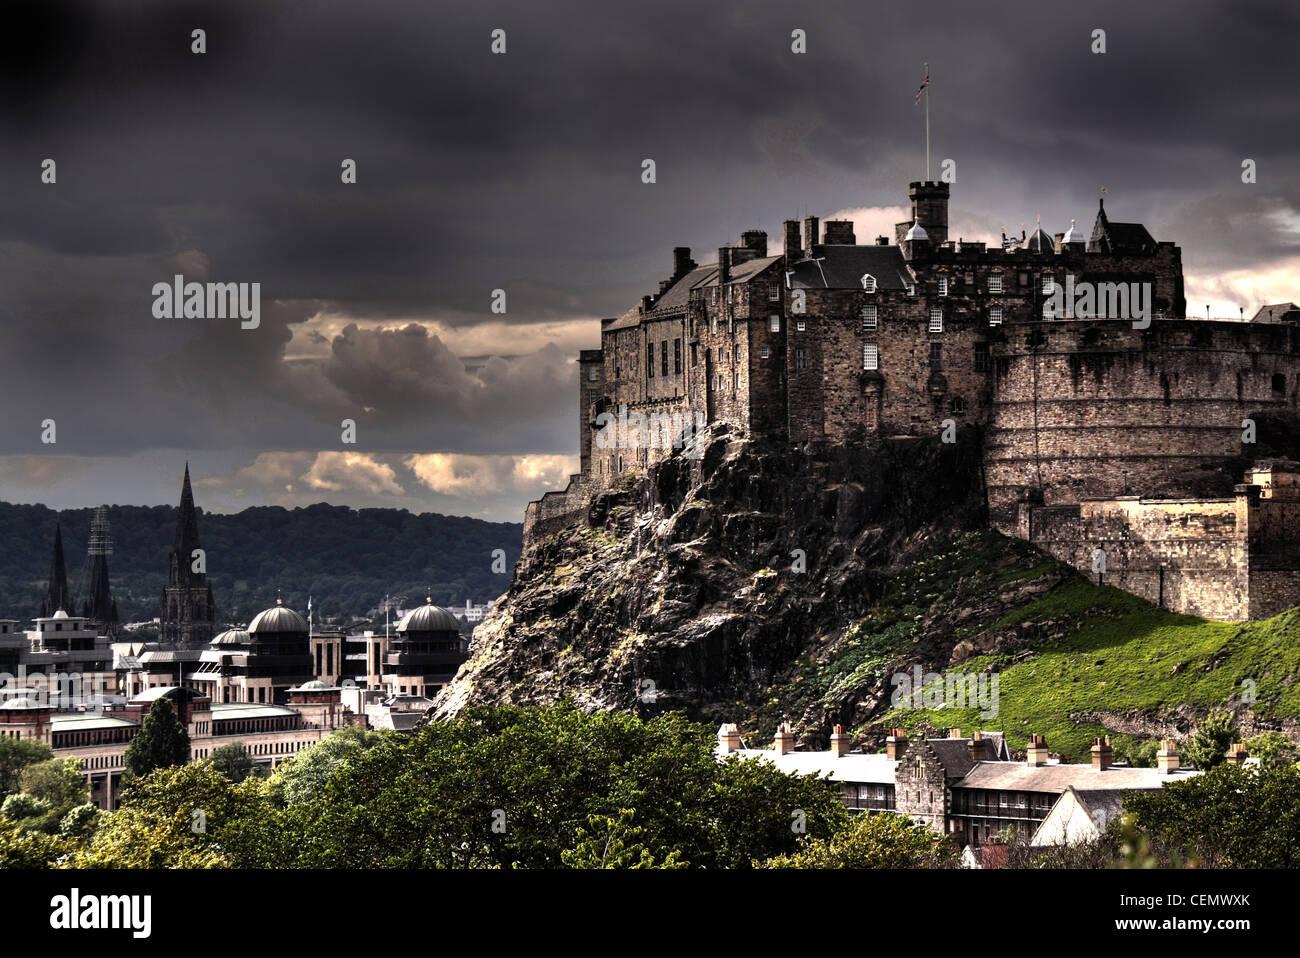 Laden Sie dieses Alamy Stockfoto Ein Panorama von Edinburgh Castle vom Wissenschaftsmuseum Dach, Schottlands Hauptstadt UK @HotpixUK - CEMWXK